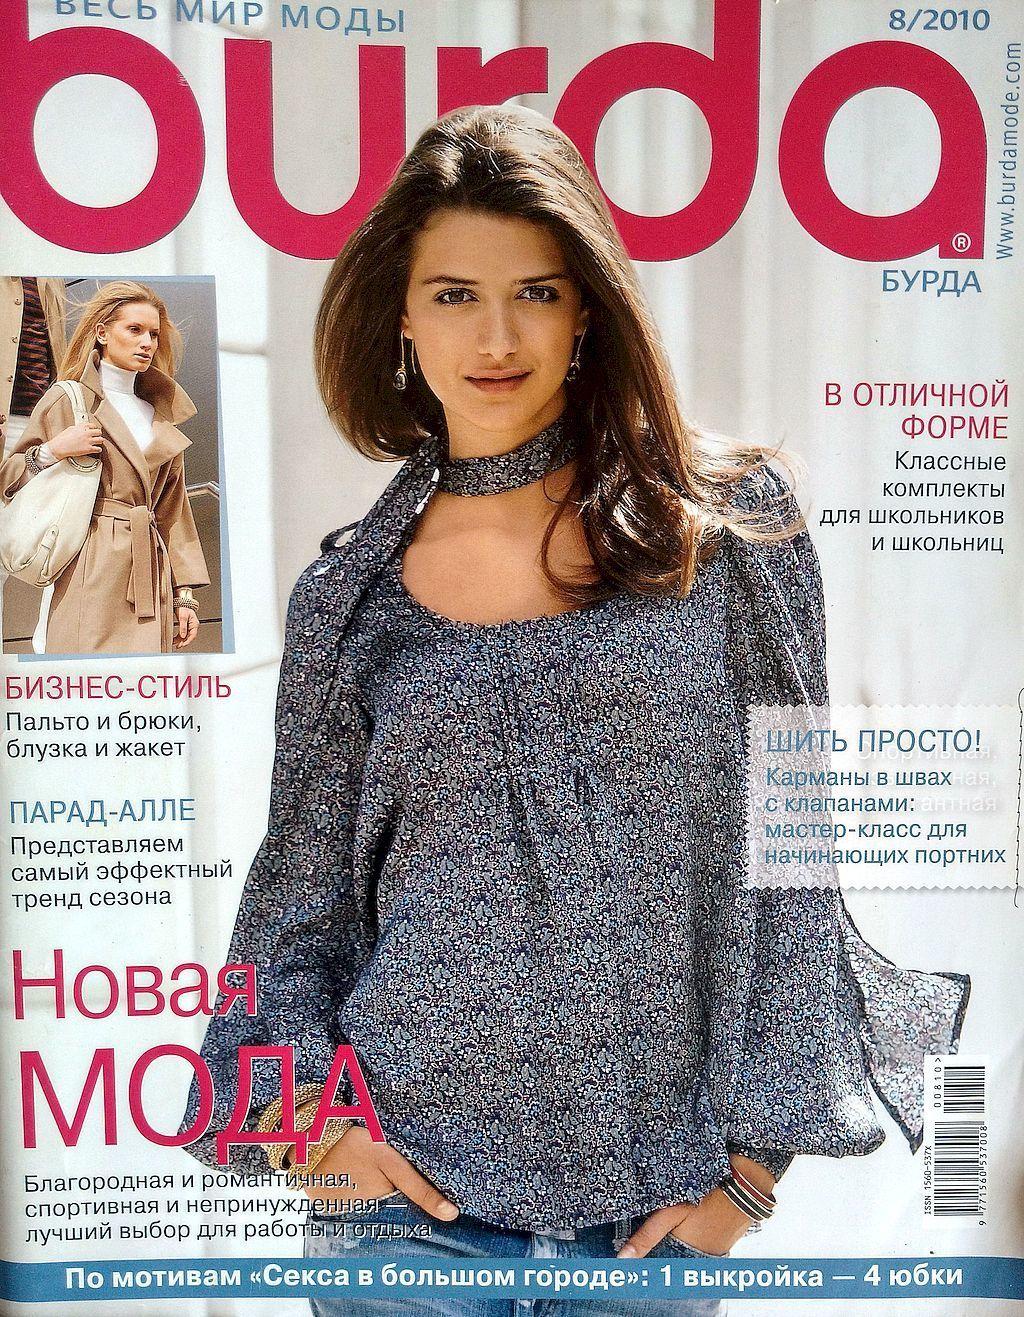 Журнал Burda Moden №  8/2010, Выкройки для шитья, Москва,  Фото №1